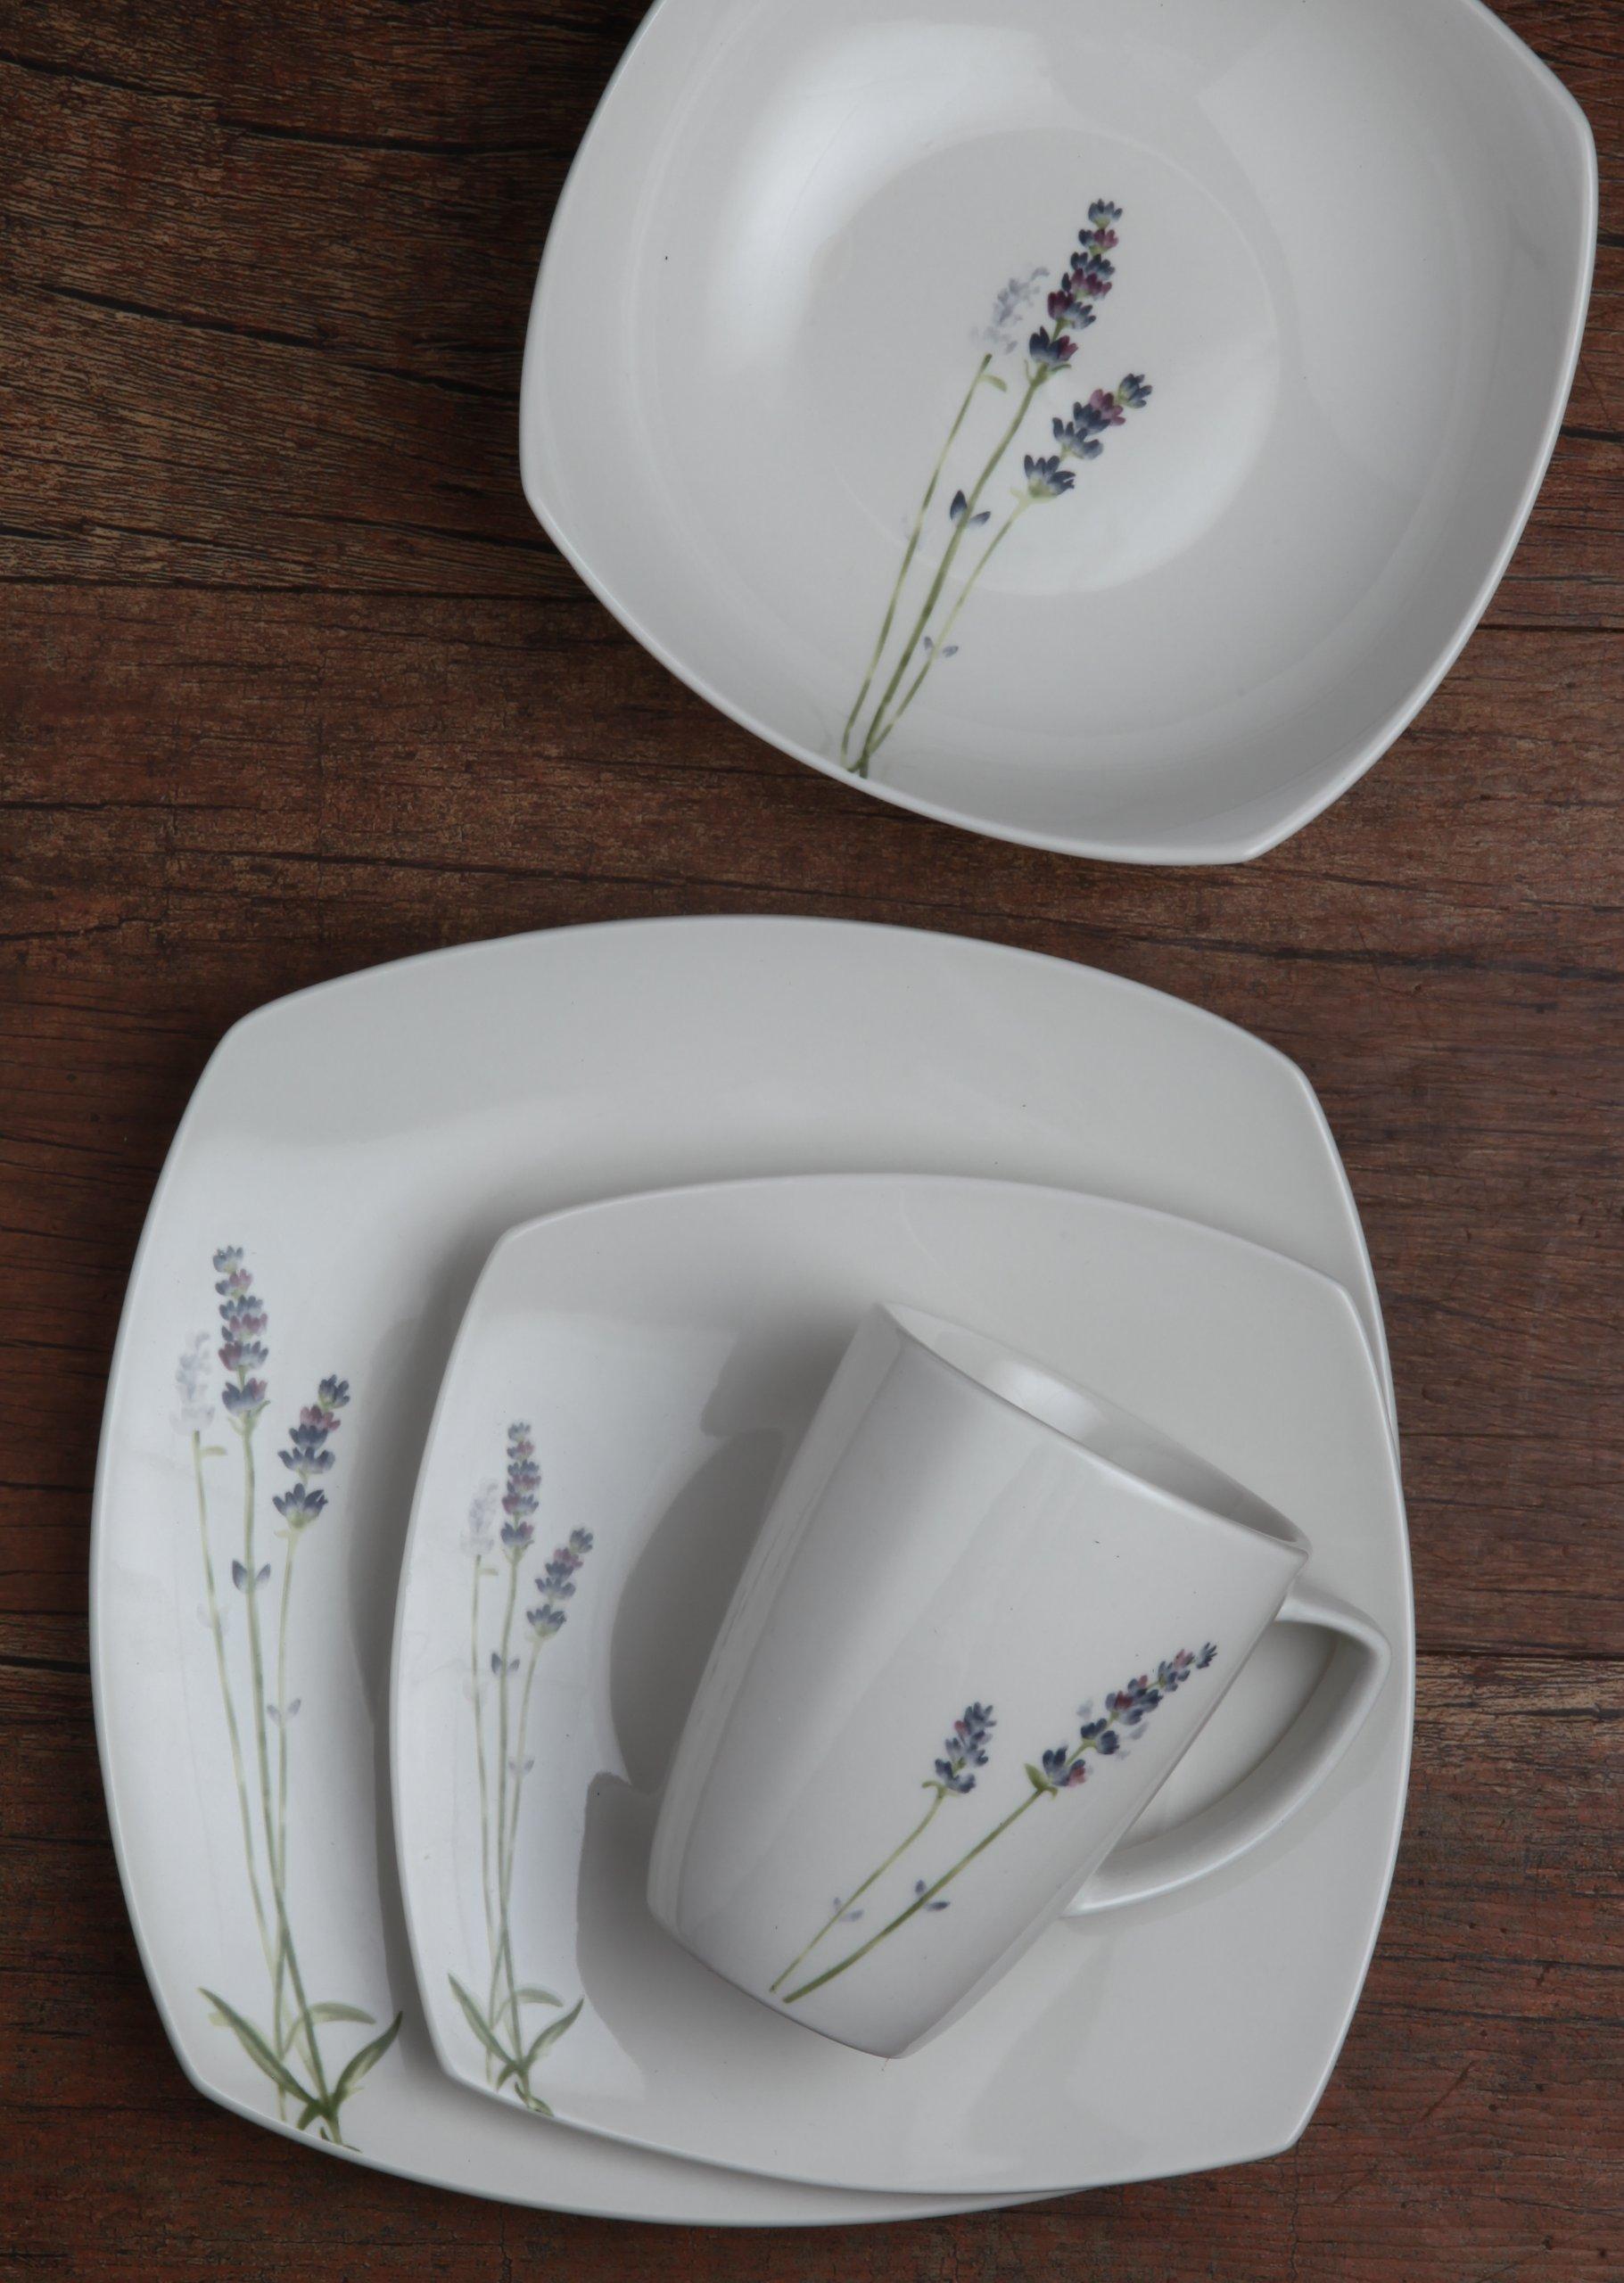 Melange Square 32-Piece Porcelain Dinnerware Set (Lavender) | Service for 8 | Microwave, Dishwasher & Oven Safe | Dinner Plate, Salad Plate, Soup Bowl & Mug (8 Each) by Melange (Image #4)